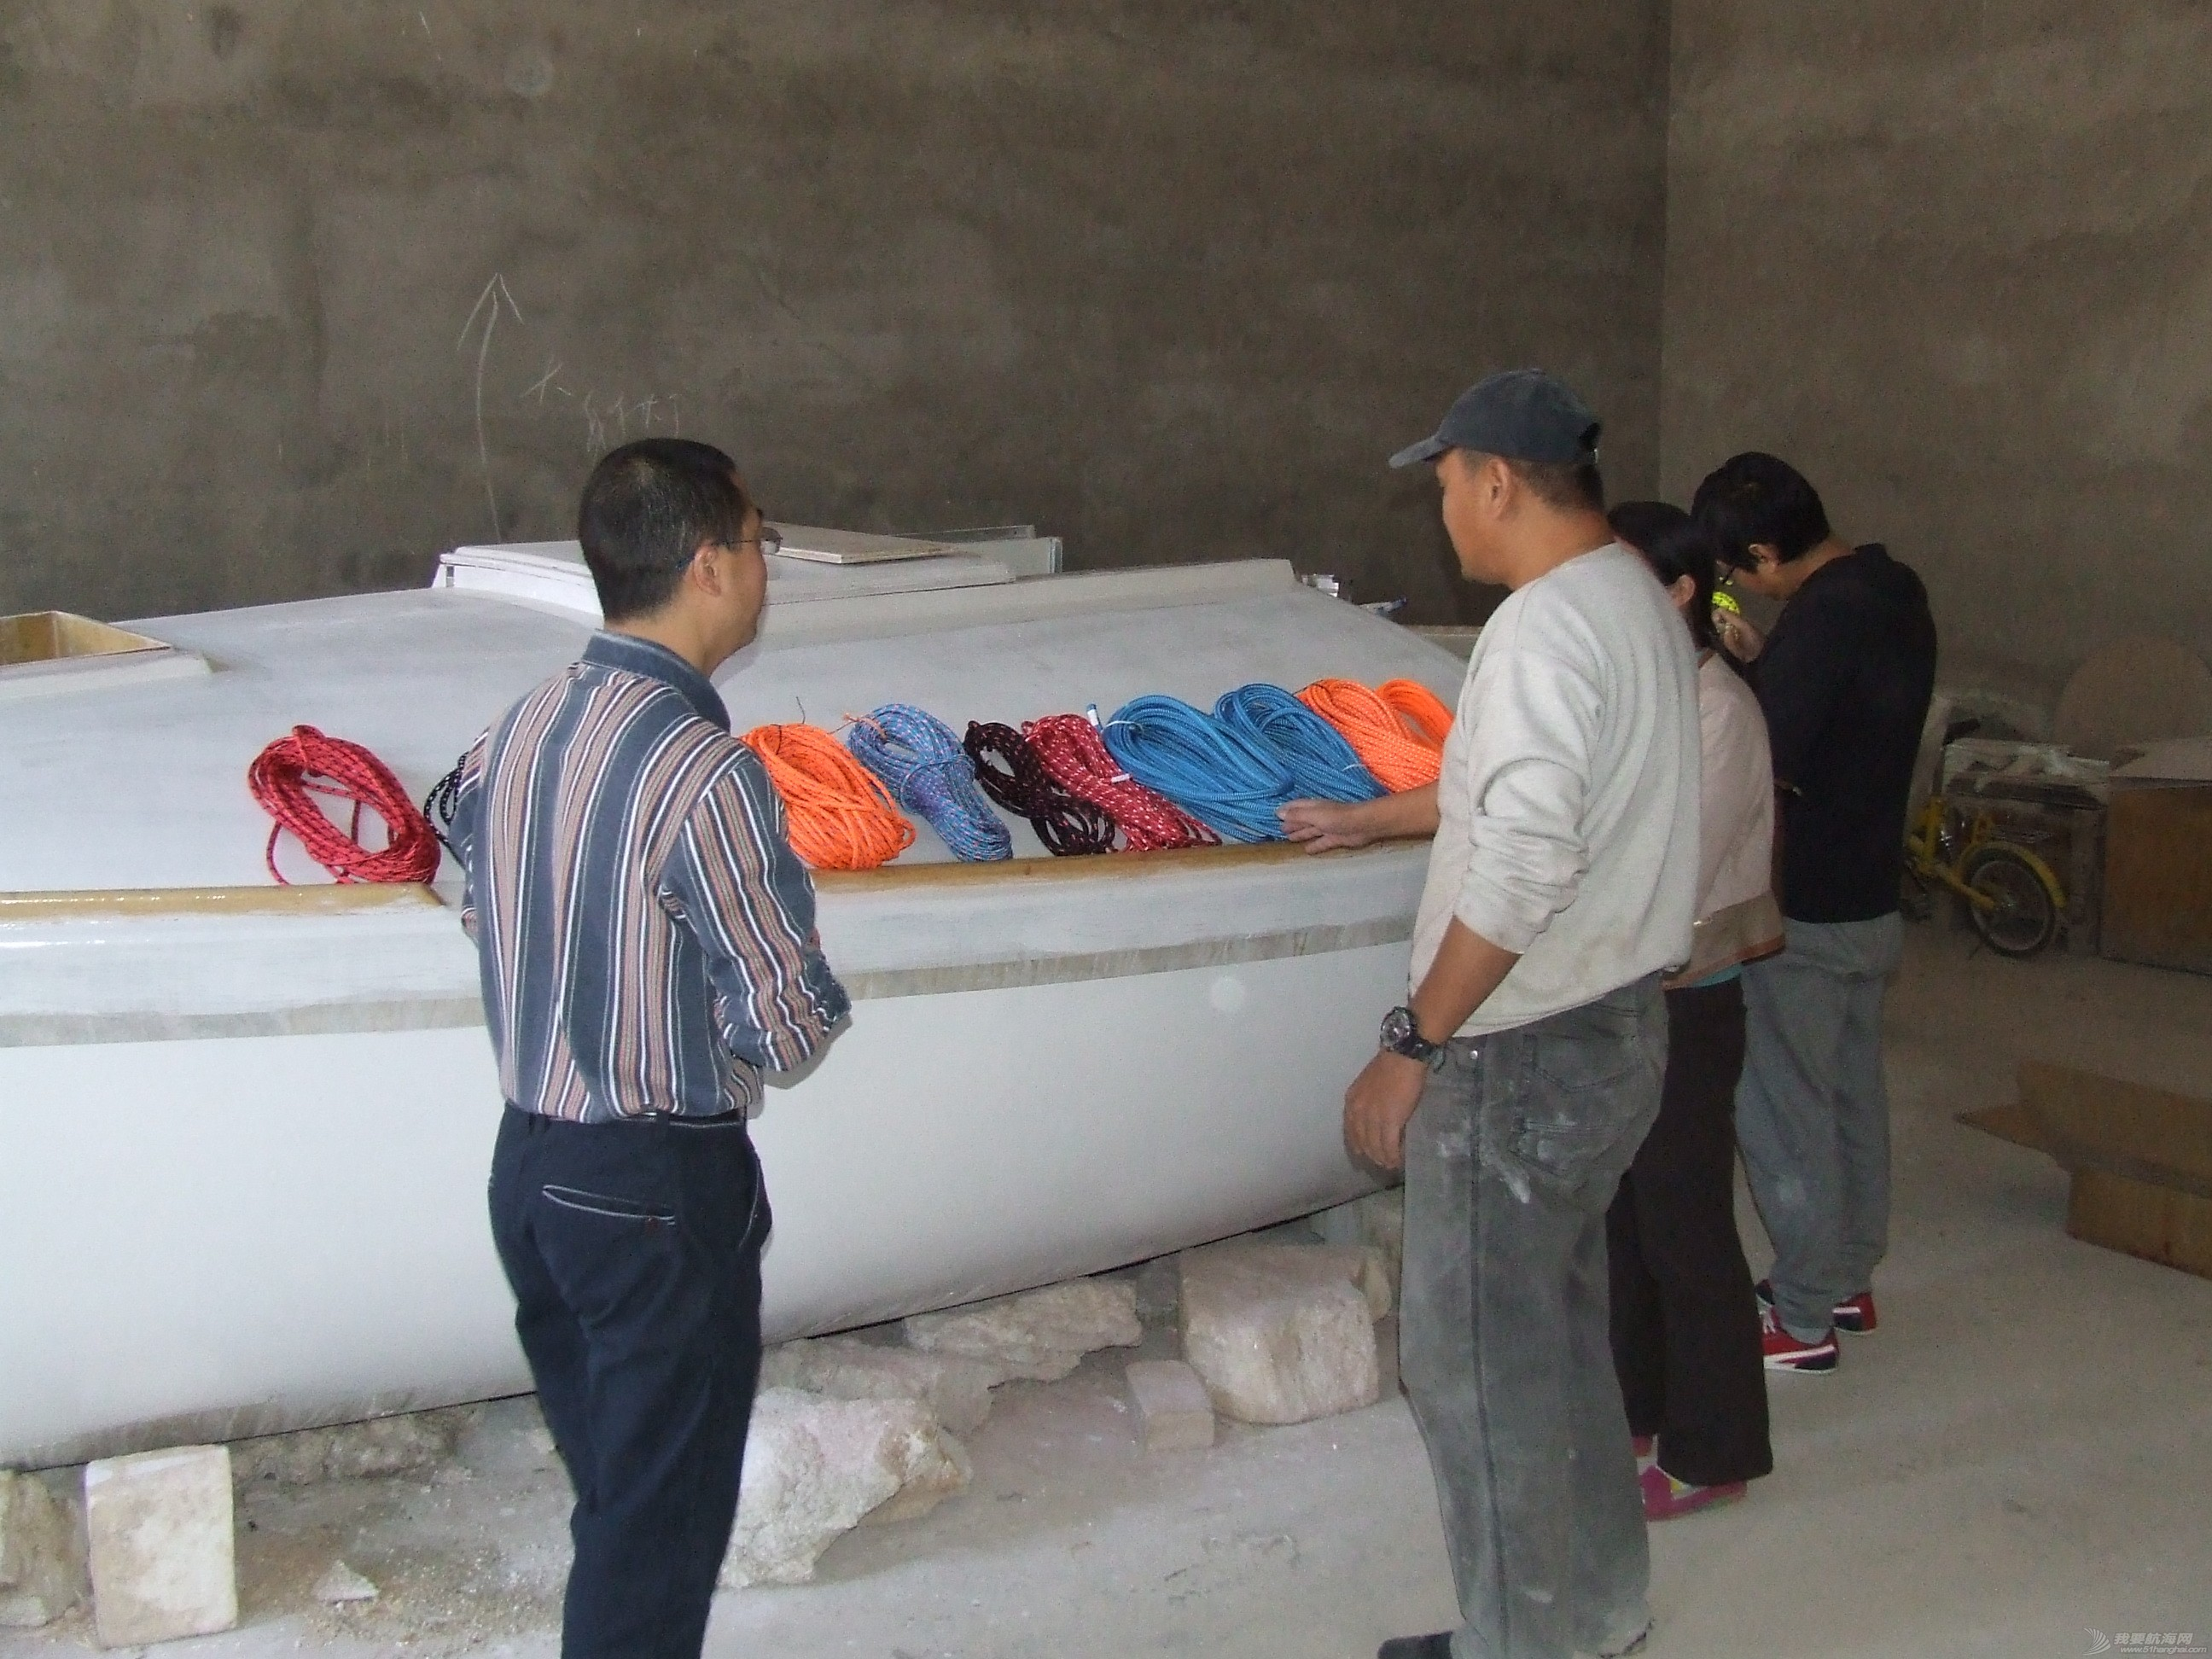 北京,帆船 GR-750帆船获得睿泽皓宇绳缆赞助 DSCF7055.JPG